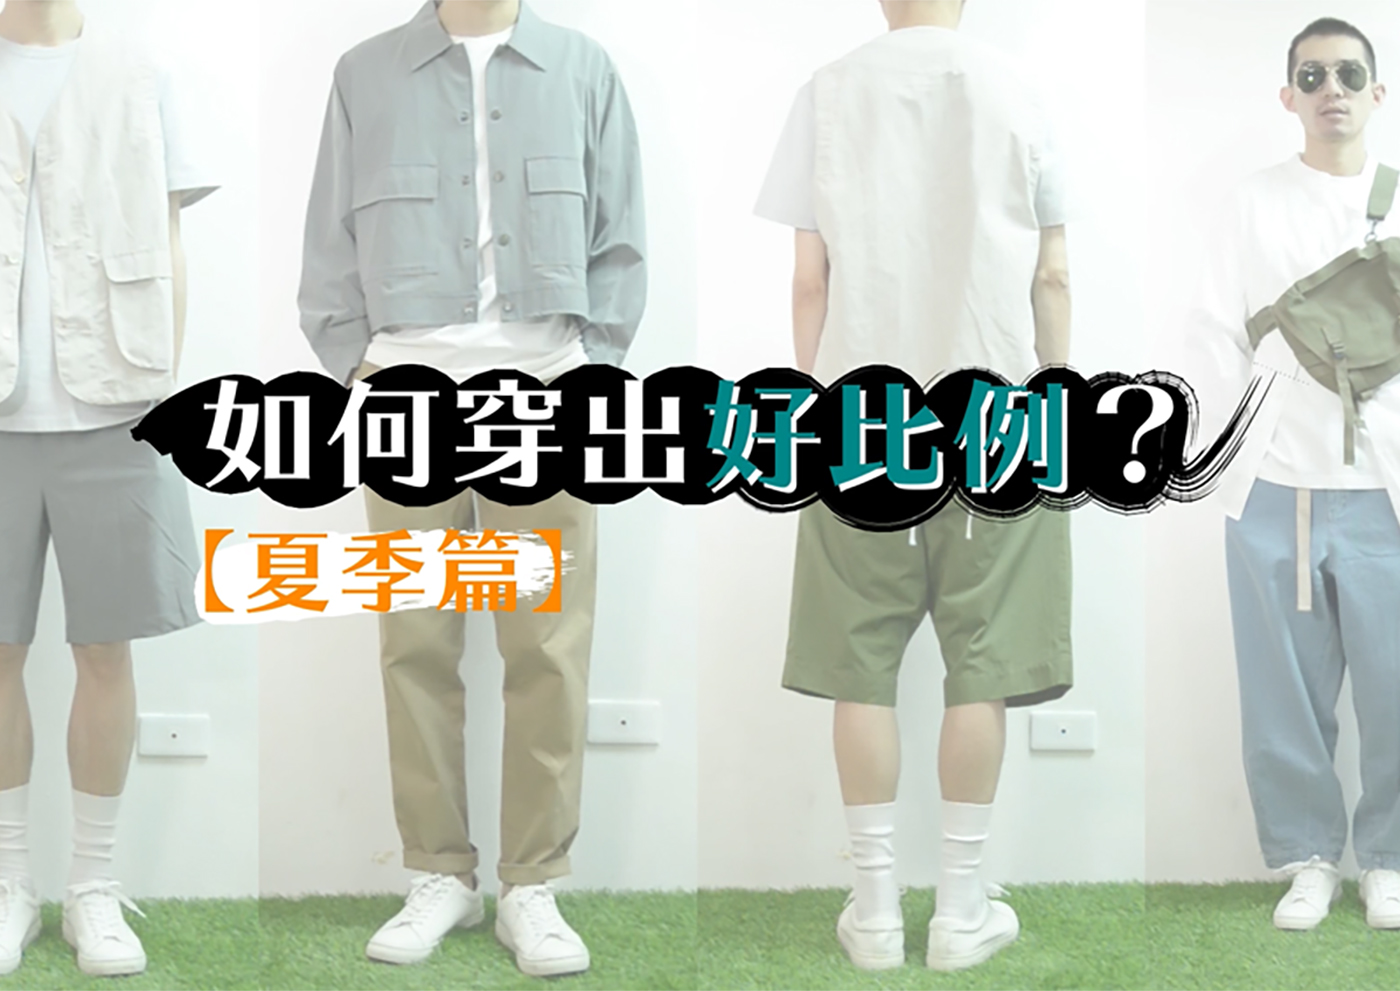 穿搭比例,比例,比例原則,穿搭,穿著,搭配,搭配比例,基礎穿搭,穿搭原則,穿著比例,夏季穿搭,短褲穿搭,同色系穿搭,短版外套